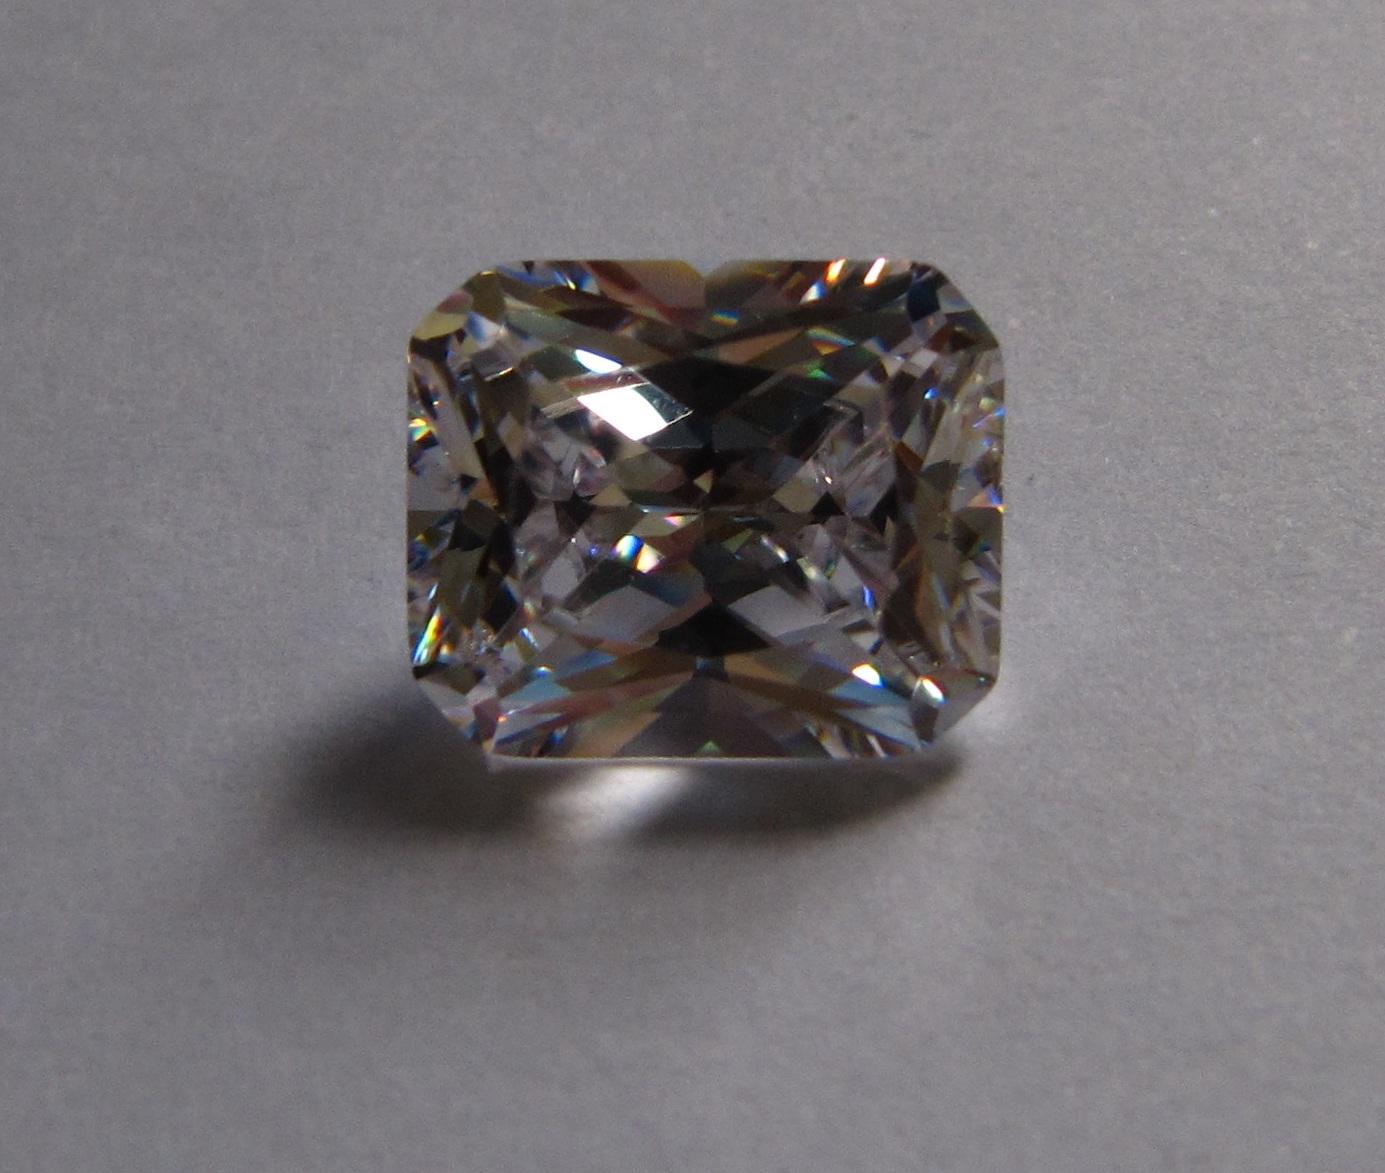 יהלומים בחיתוך רדיאנט